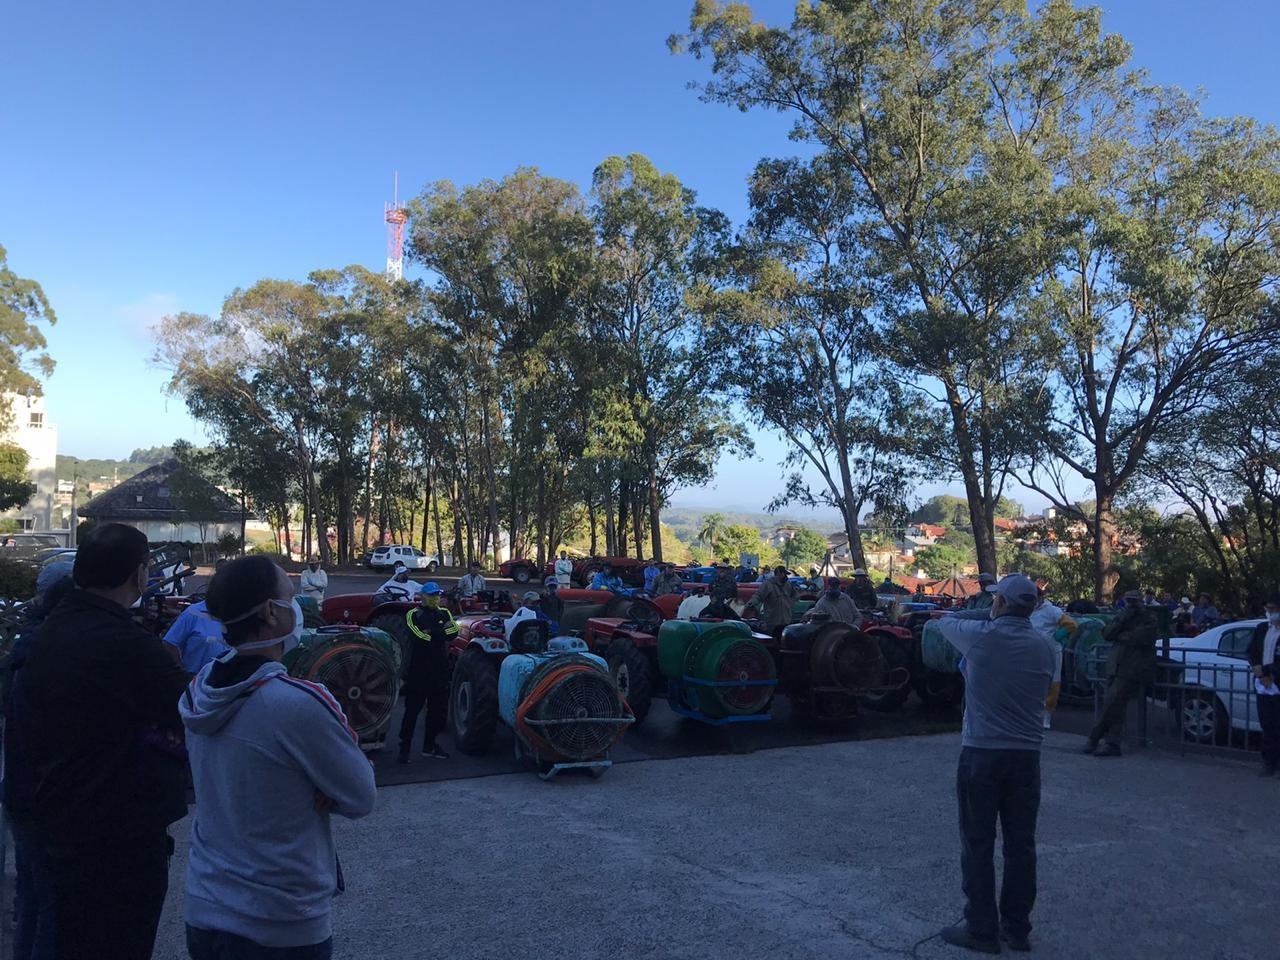 Agricultores higienizam as ruas com a ajuda de 50 tratores em Garibaldi